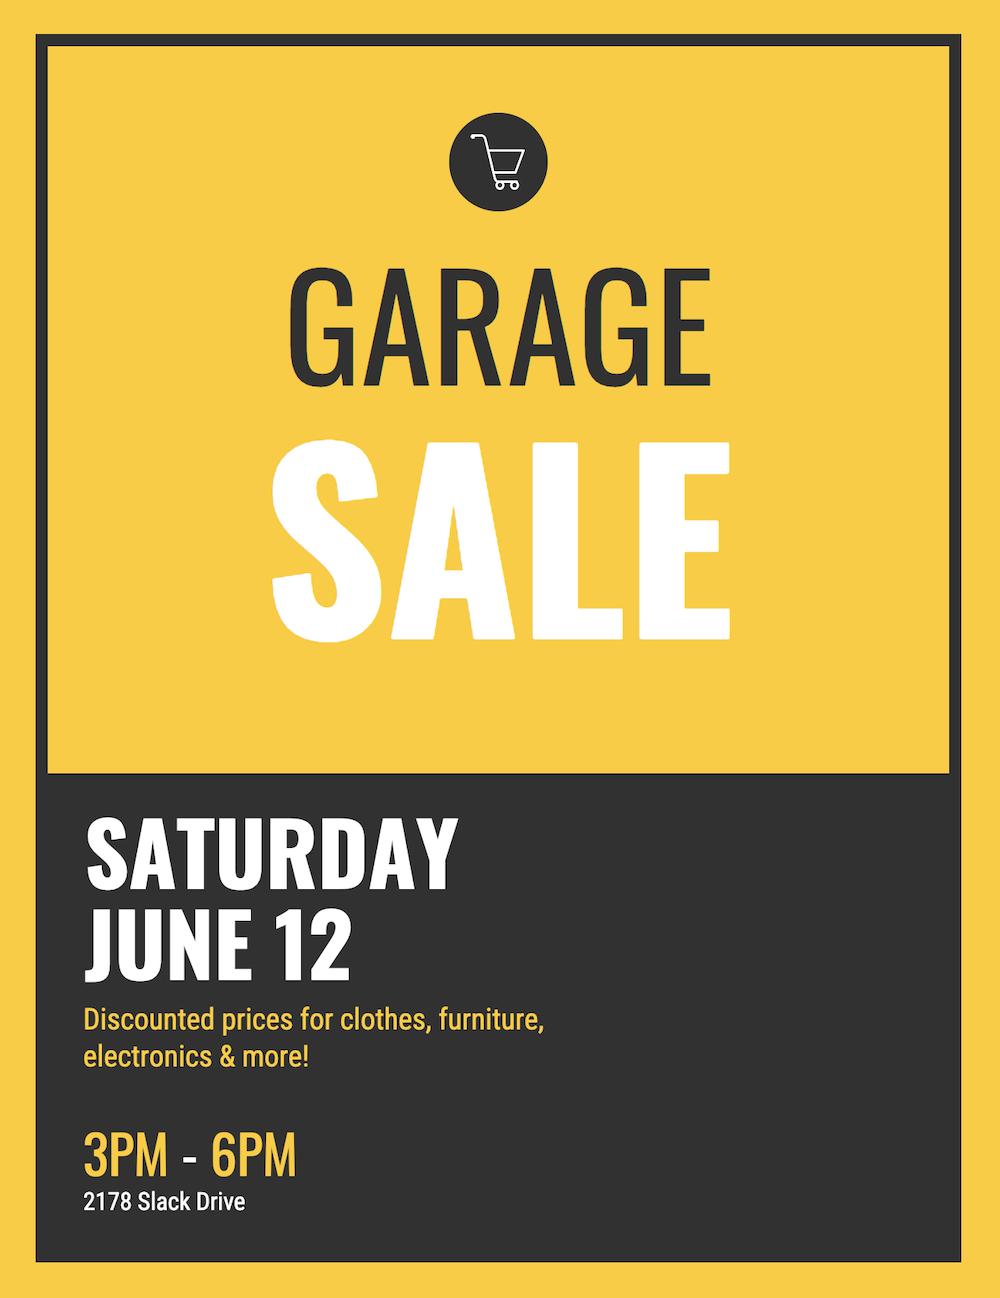 Garage Sale Event Poster Template Idea Event Poster Event Poster Template Garage Sales